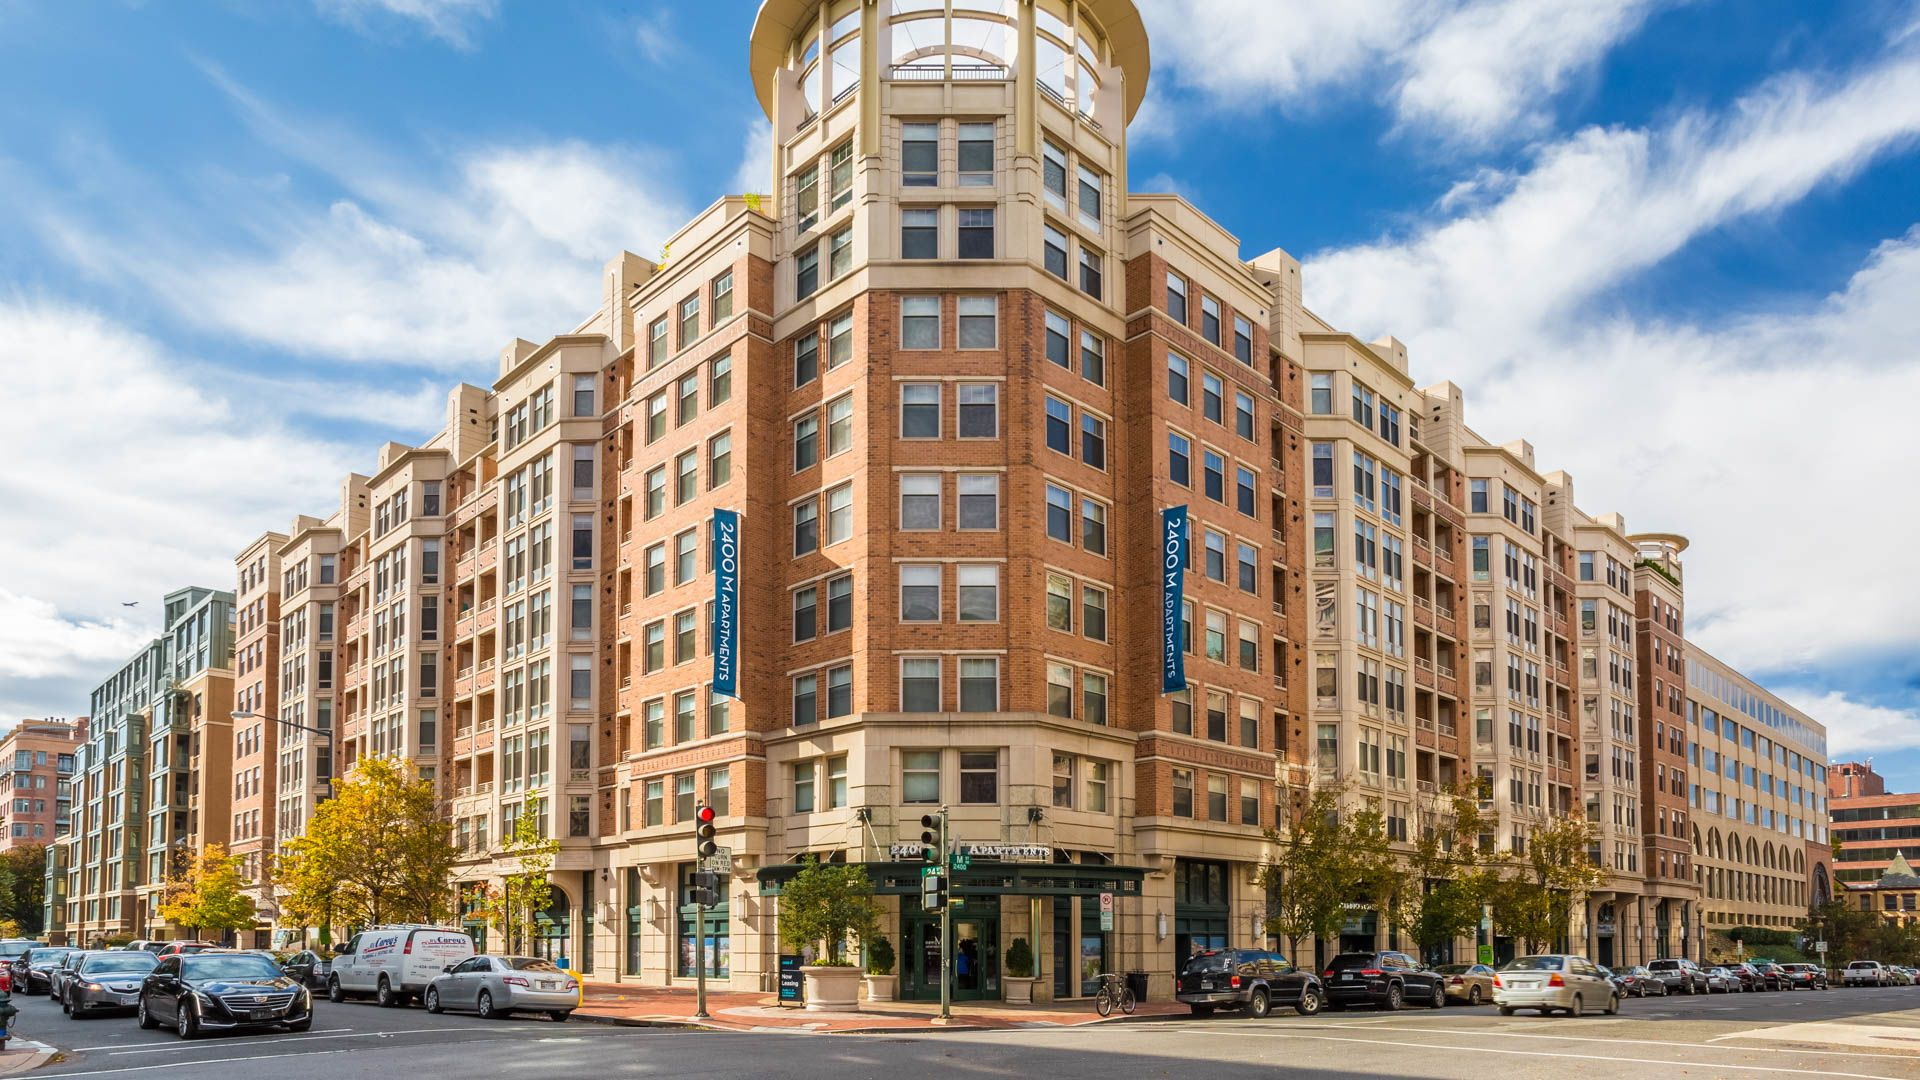 2400 M Apartments   Exterior